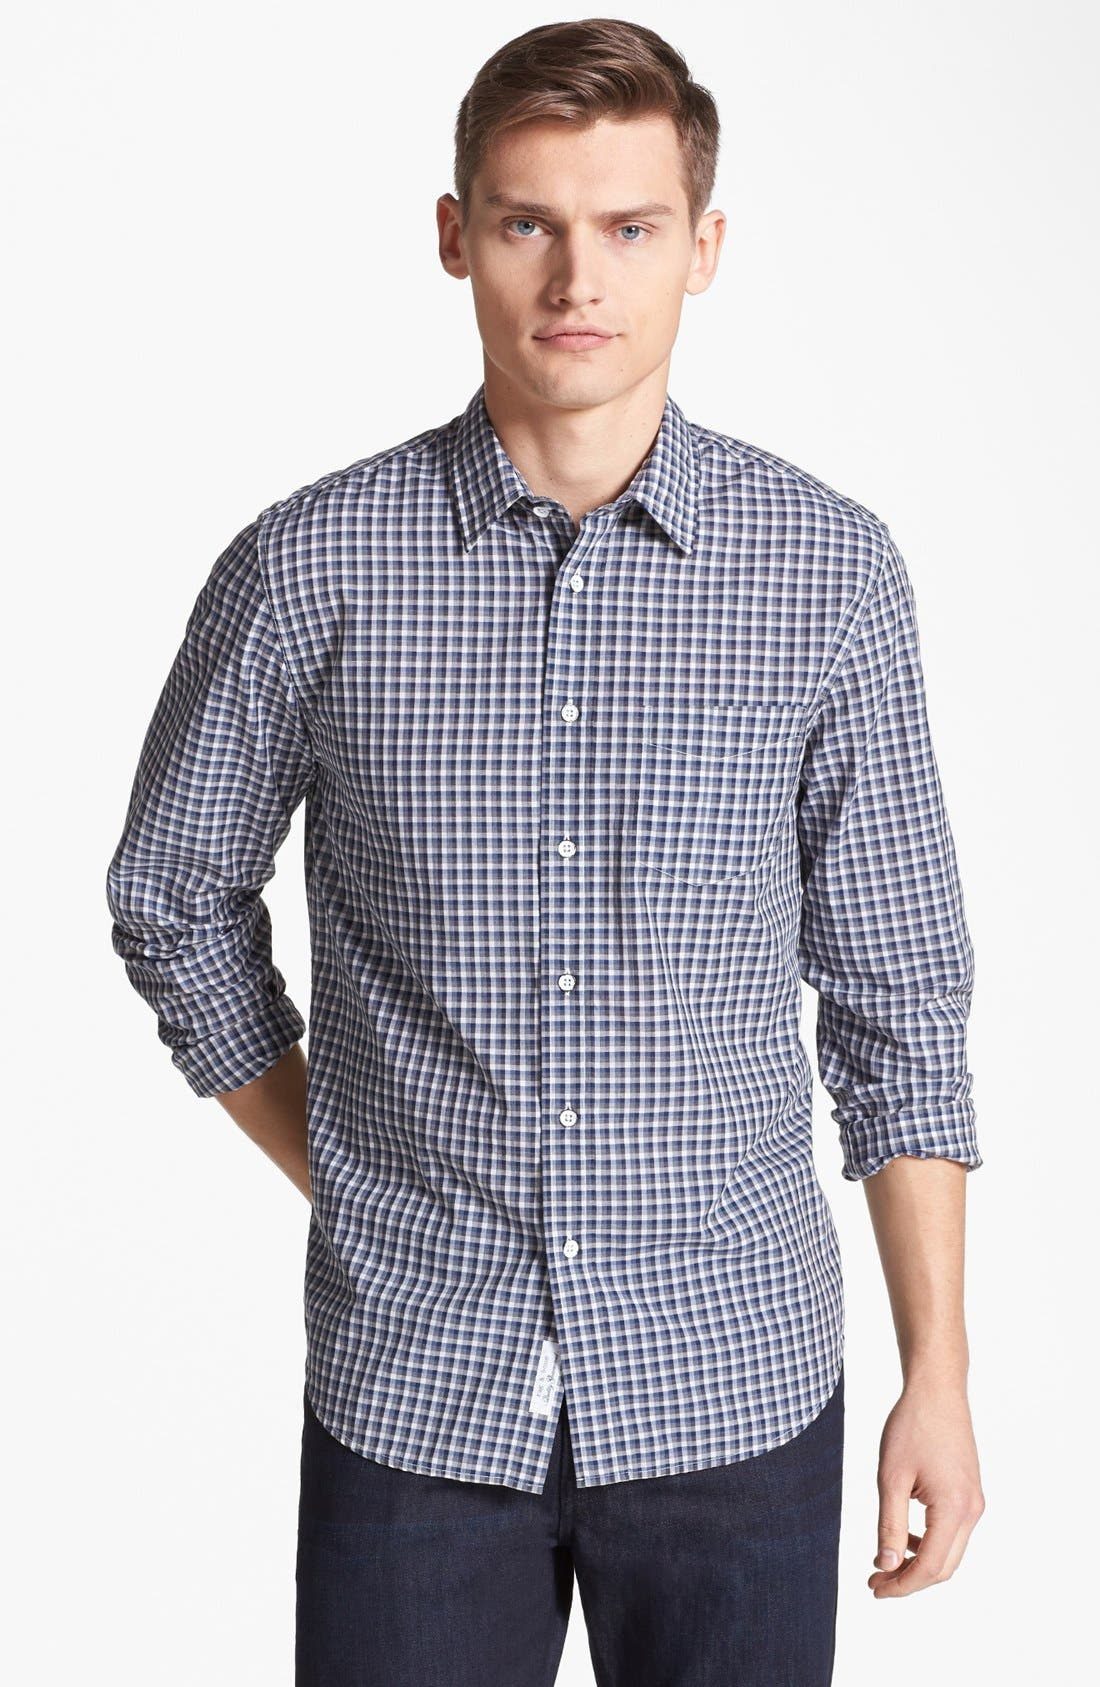 Alternate Image 1 Selected - rag & bone 'Yokohama' Plaid Woven Shirt